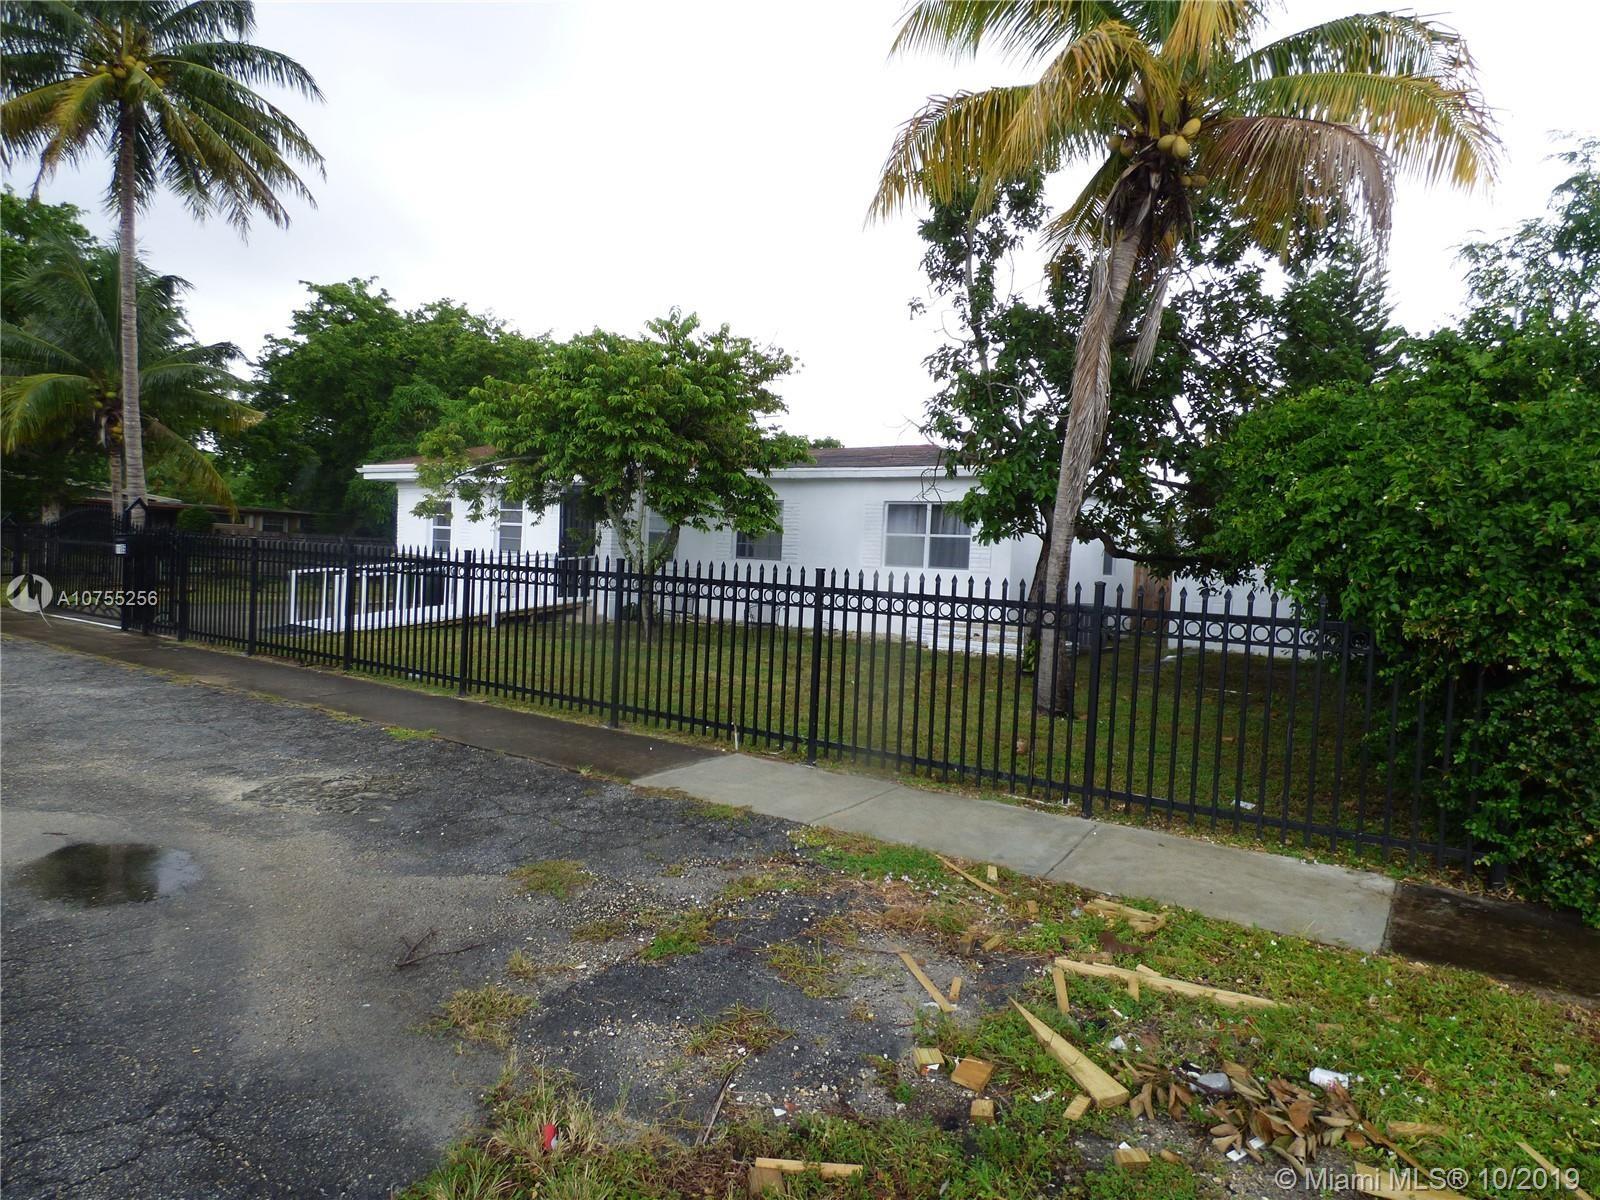 1105 NE 134th St, North Miami, FL 33161